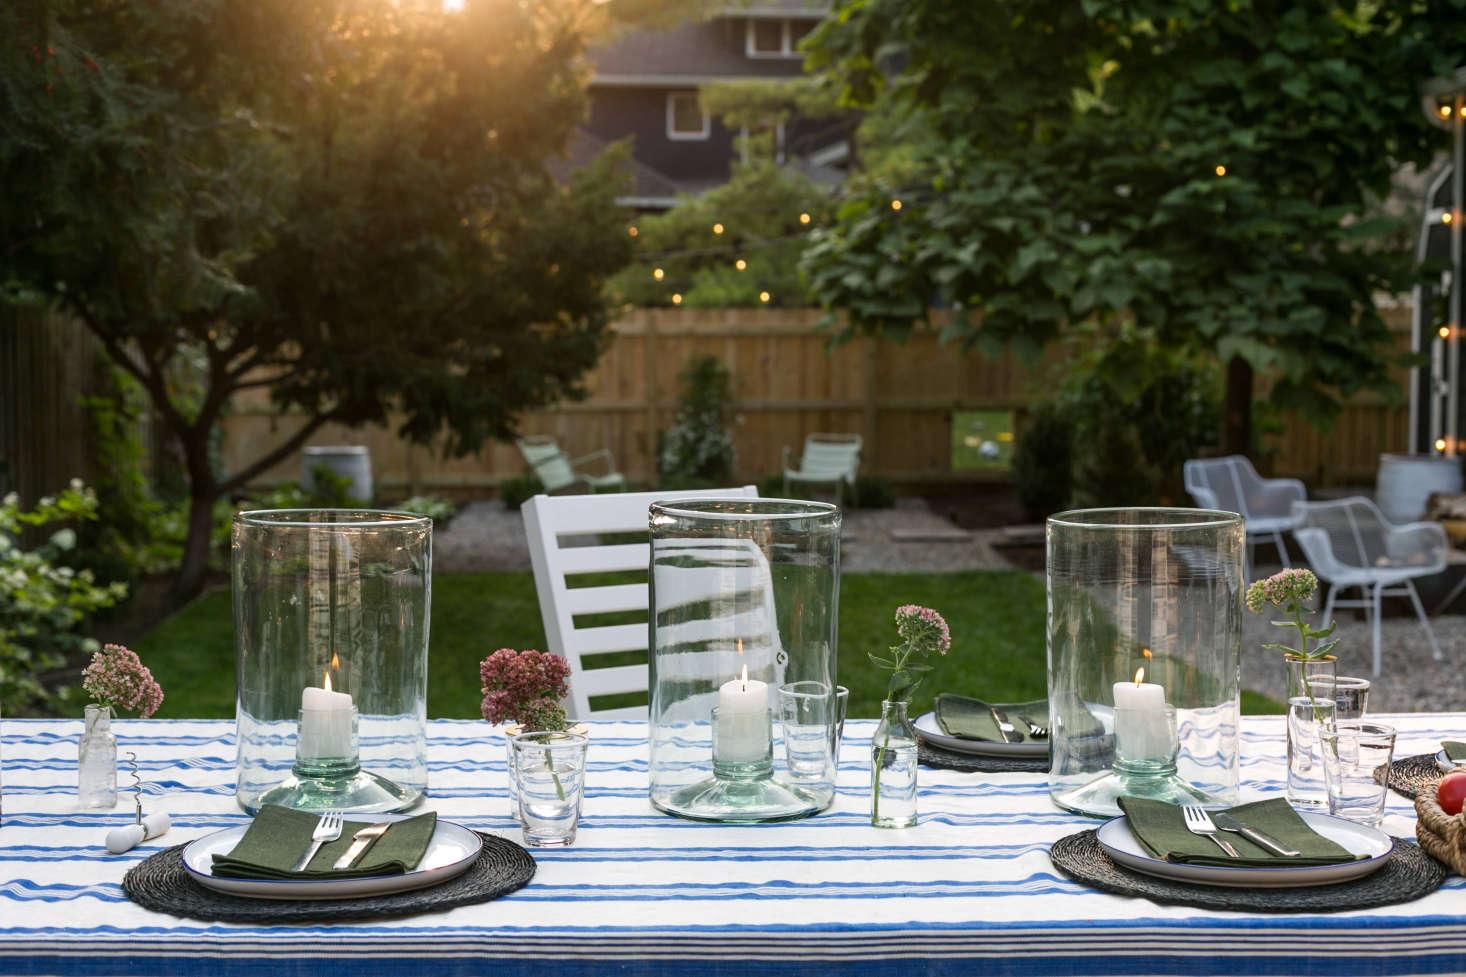 在餐桌上,意大利的一团是塞隆西亚·塞普勒斯·塞普勒斯!在46杯马丁尼。